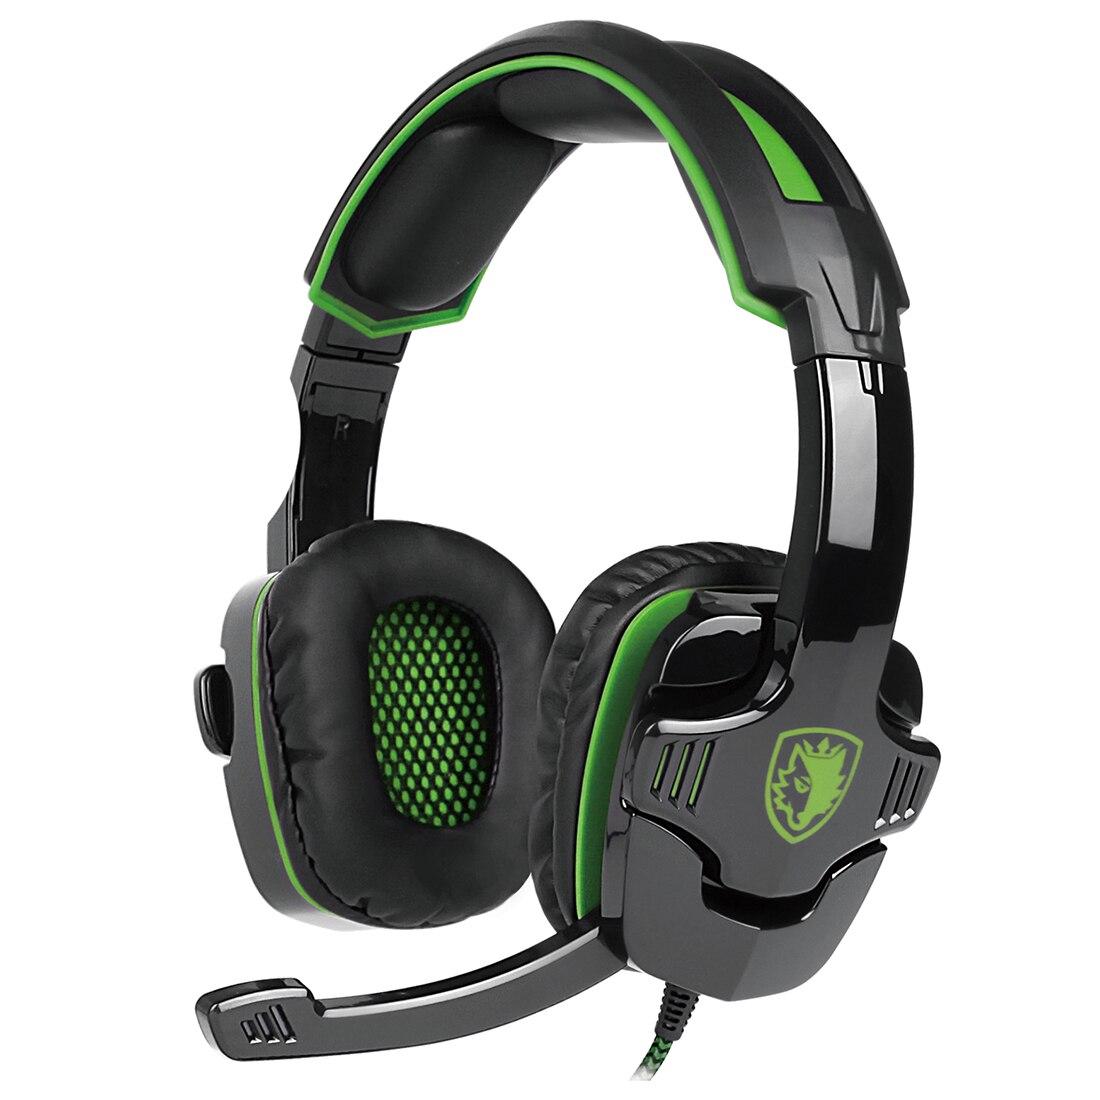 Top Deals SADES SA-930 Stereo Surround Gaming Headset Headband Mic Headphone